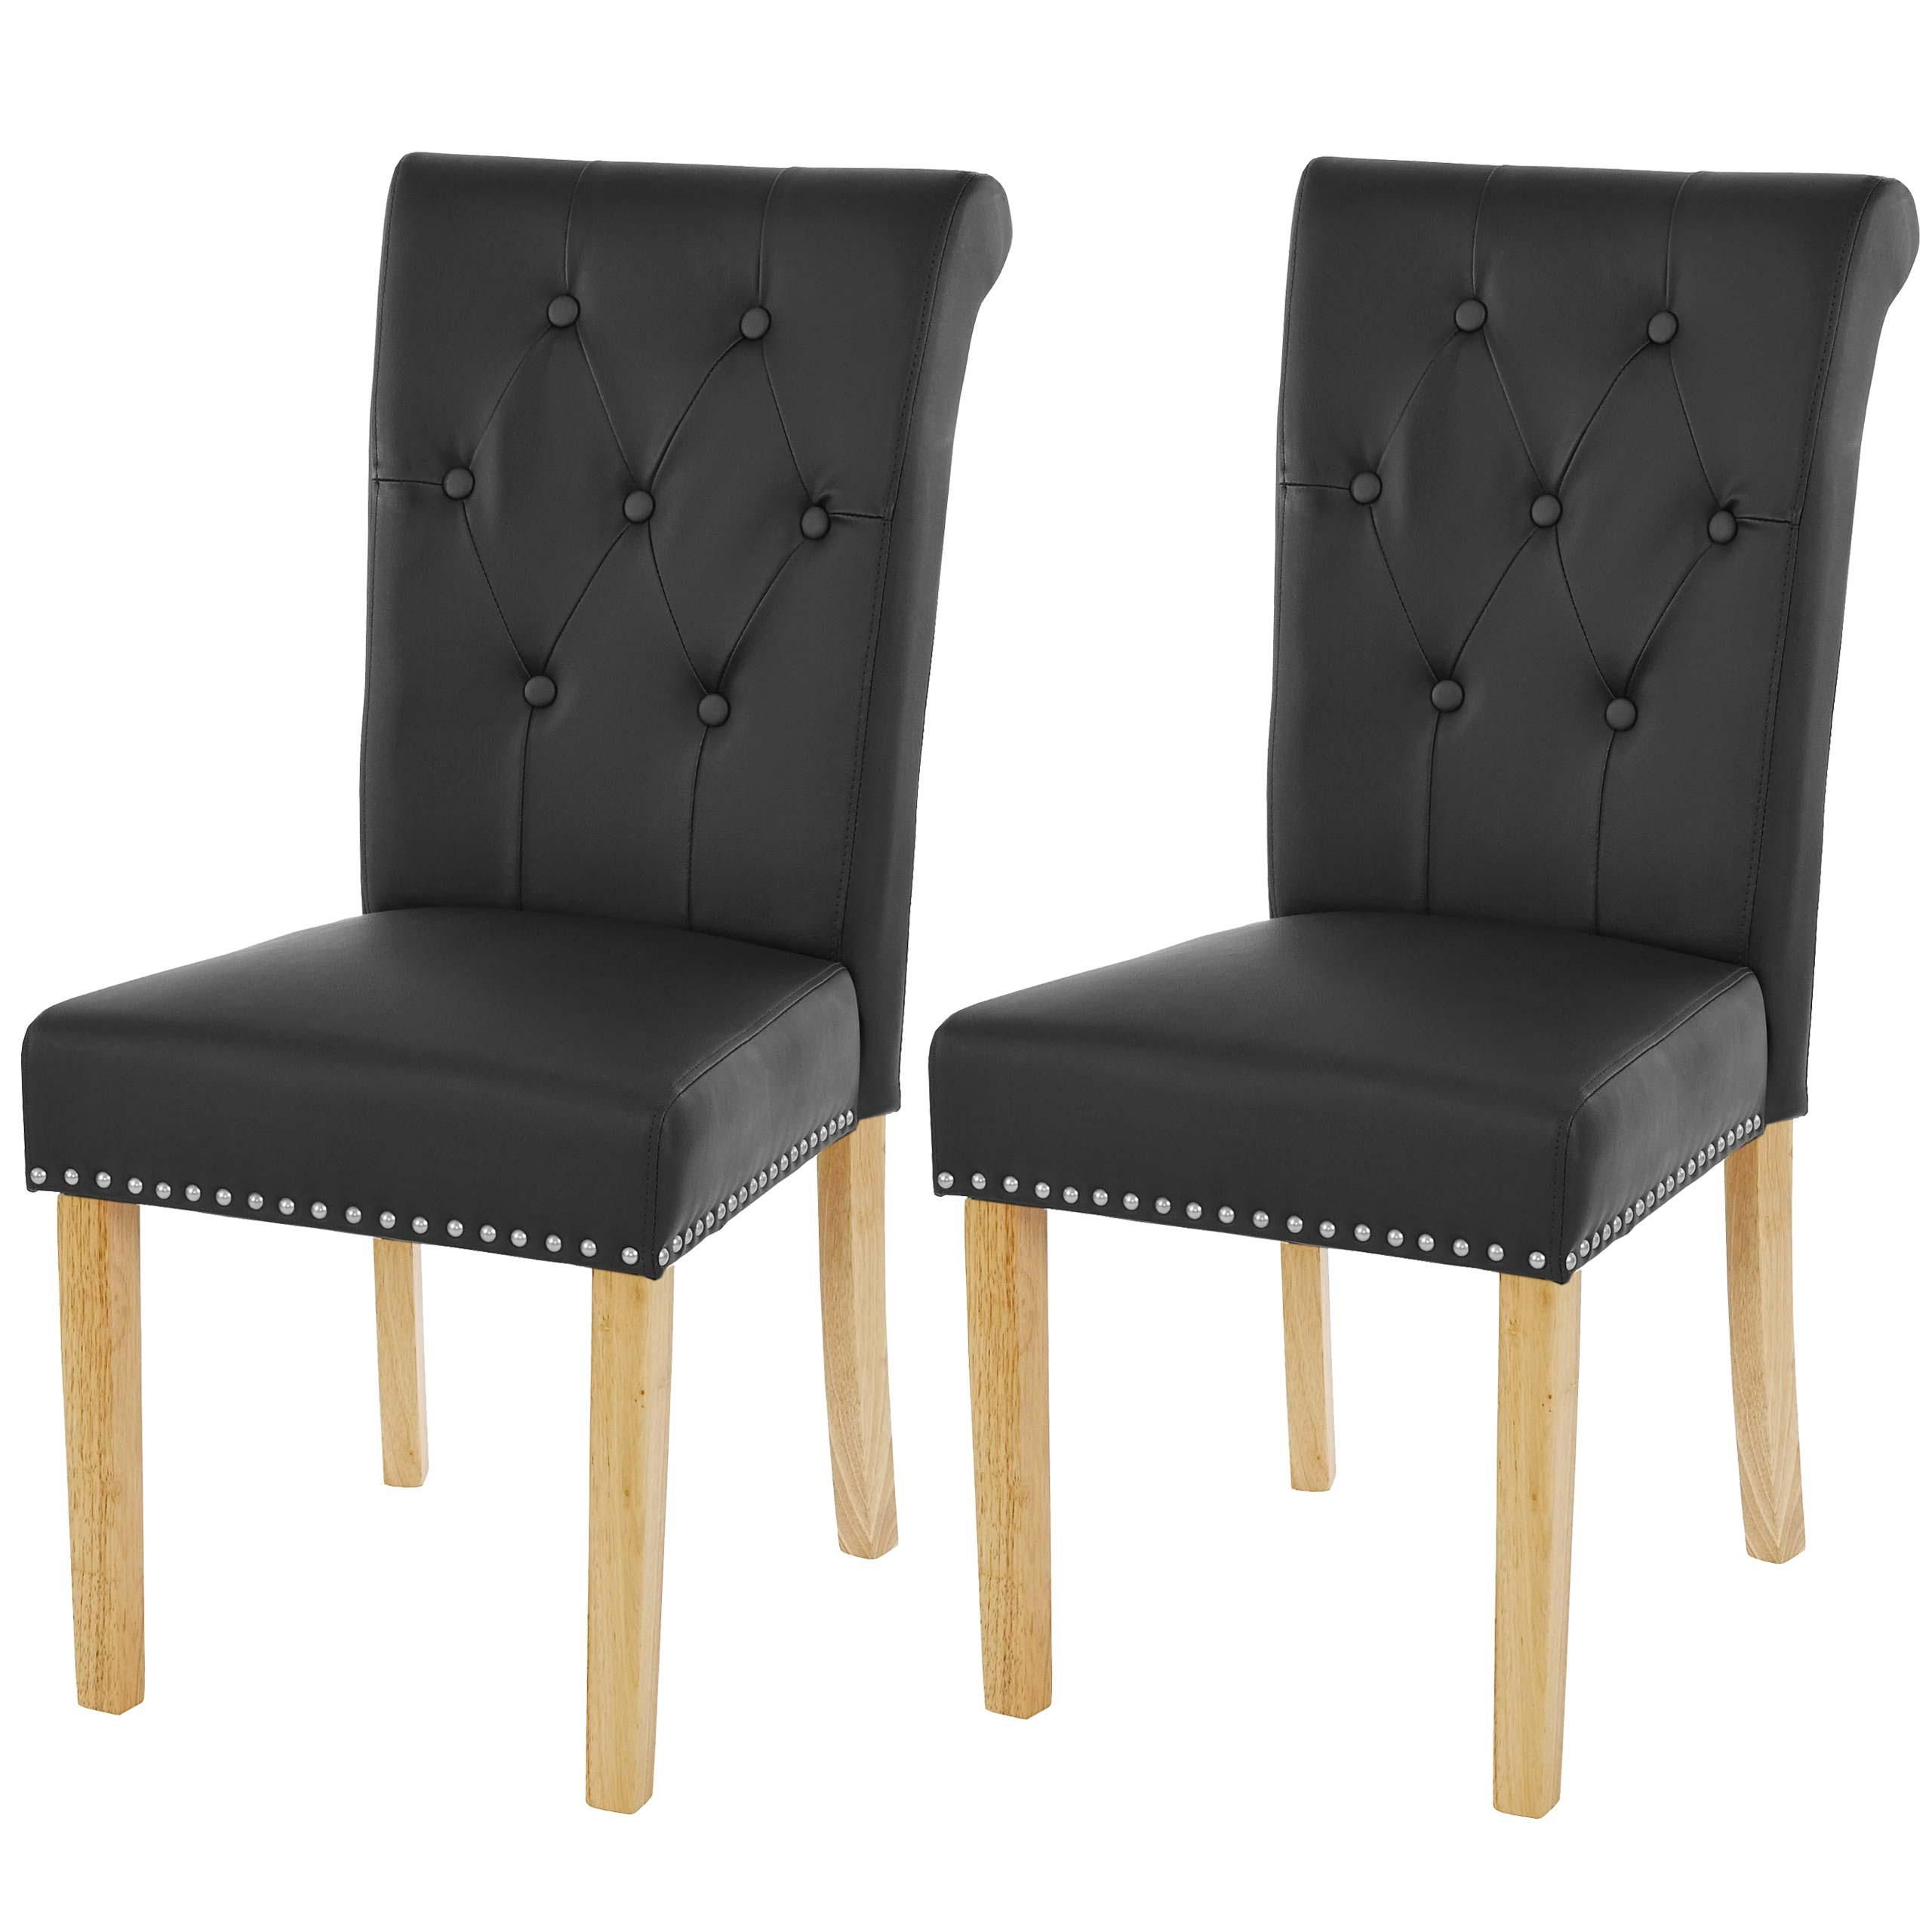 2x esszimmerstuhl chesterfield edinburgh ii kunstleder schwarz helle beine ebay. Black Bedroom Furniture Sets. Home Design Ideas